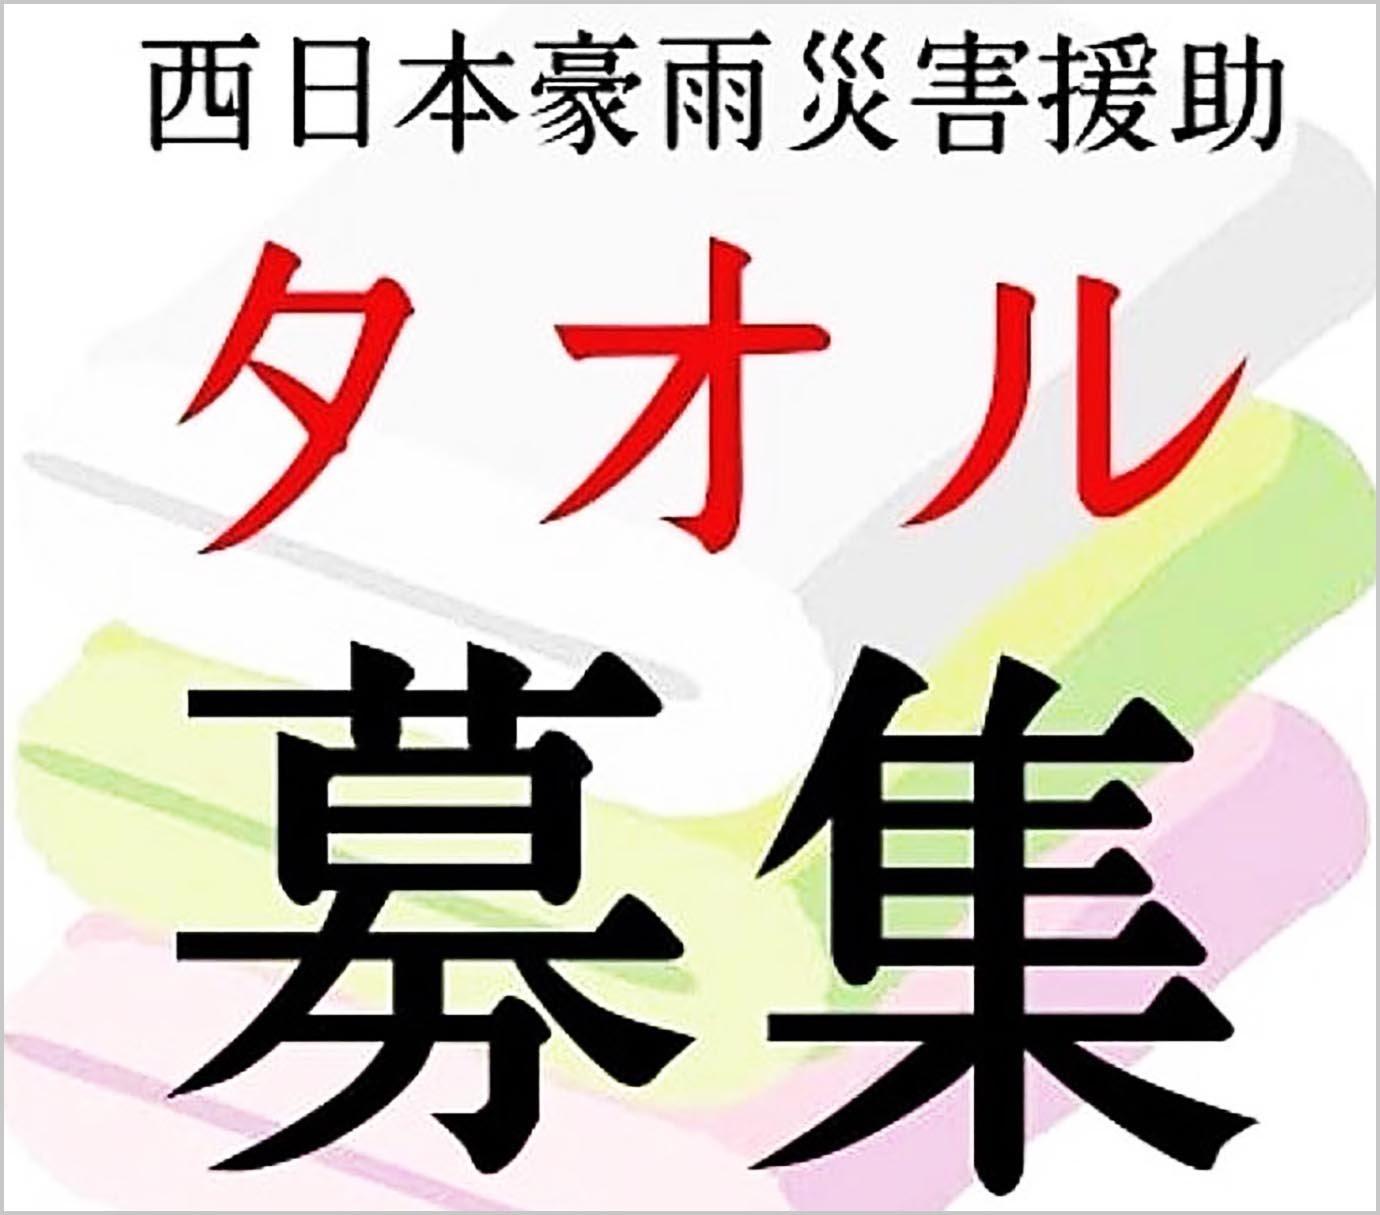 hiroshima-buzzplus